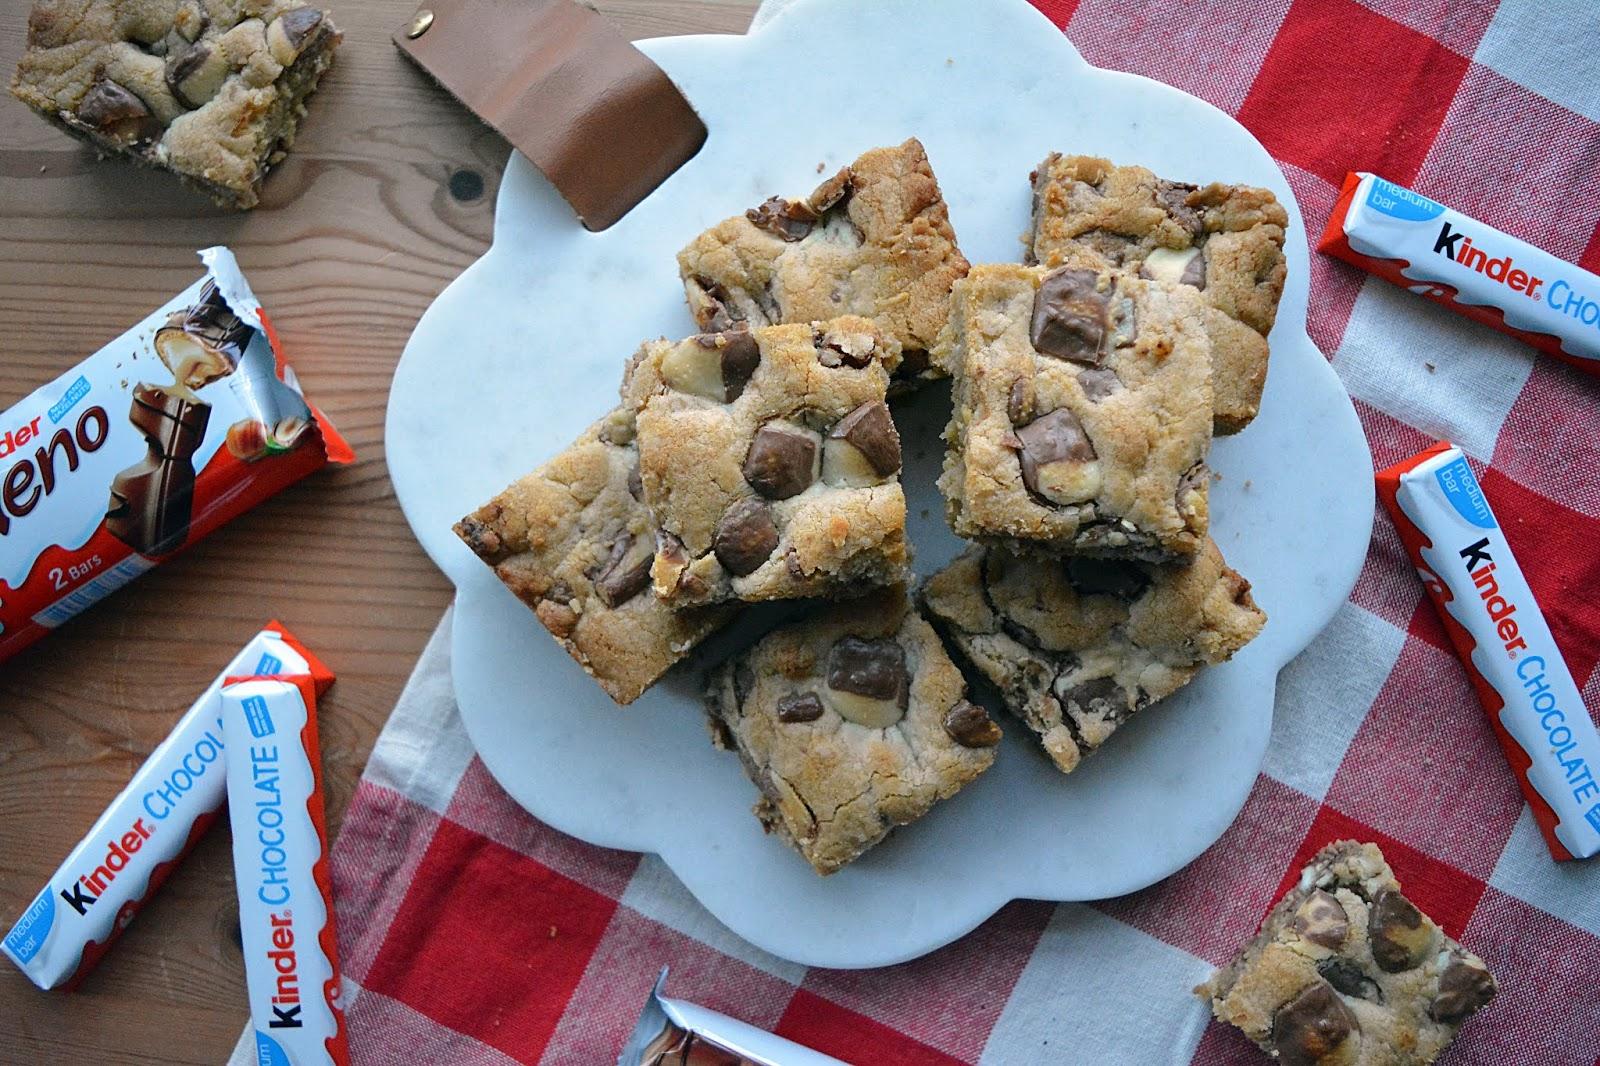 kinder, kinder cookies, chocolate, cookies